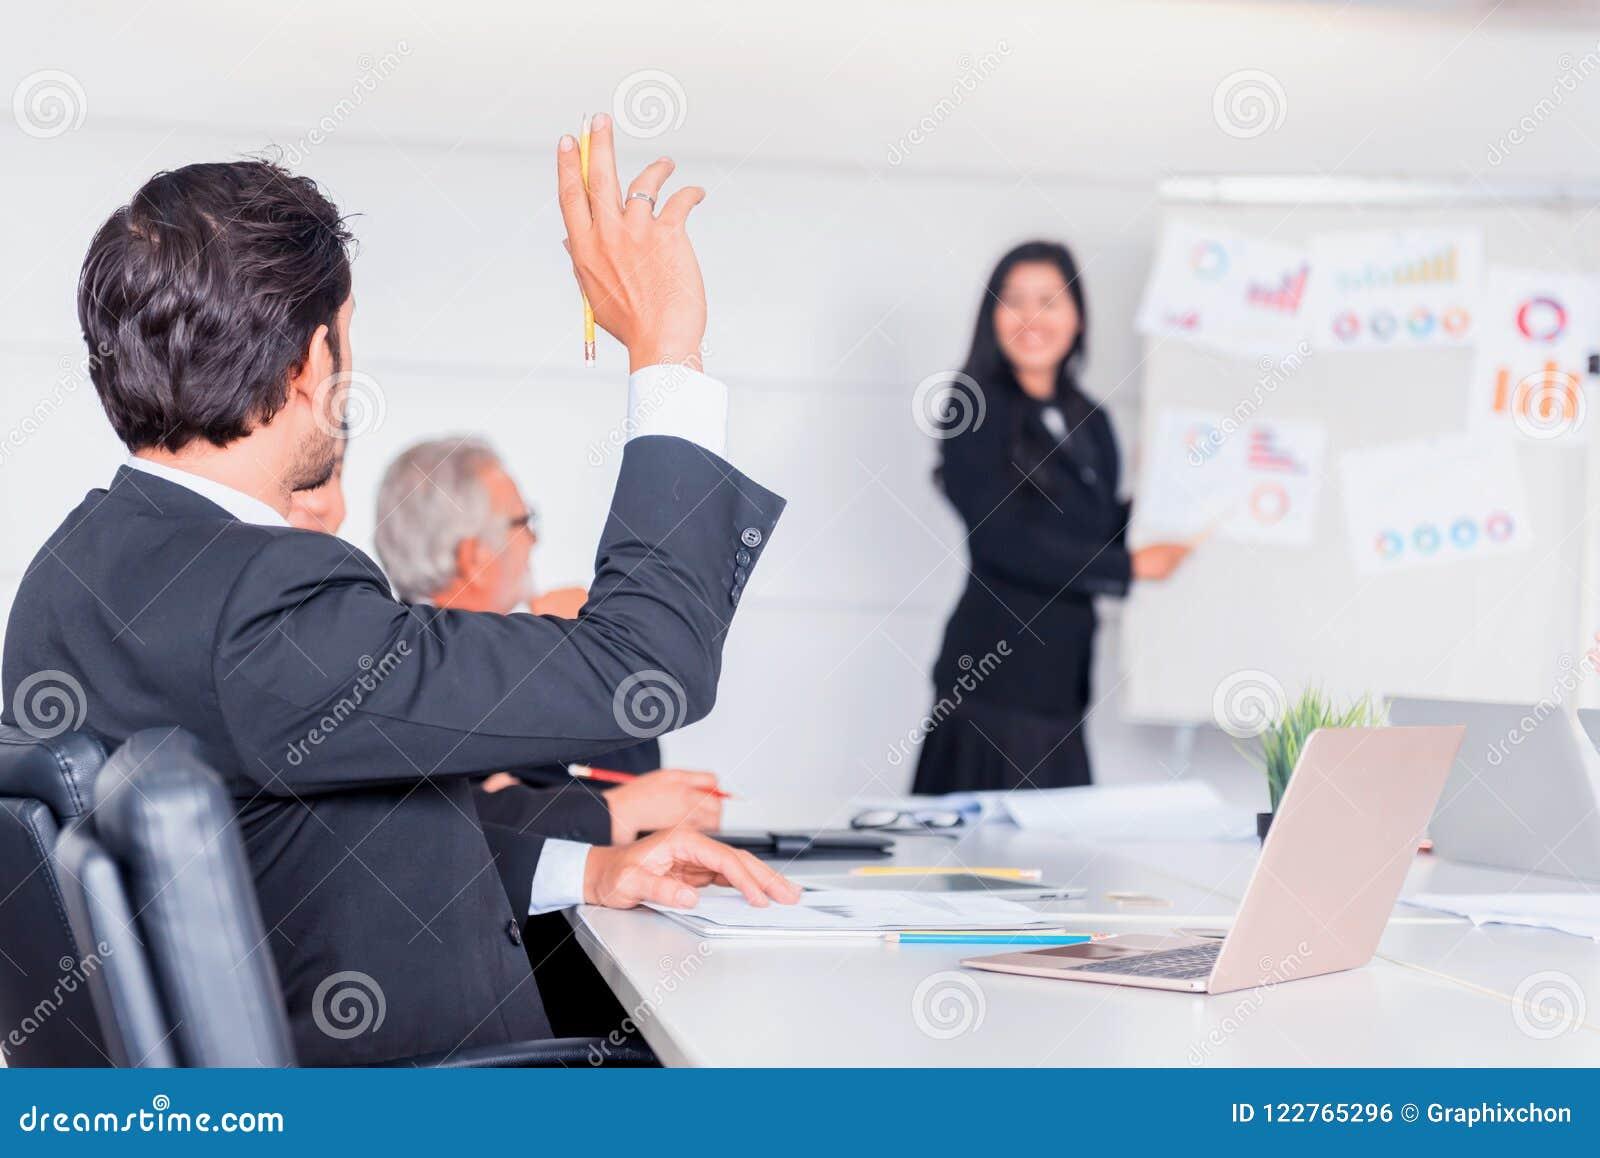 Personlig utvecklings-, coachning- och utbildningskurs för affärsteamwork